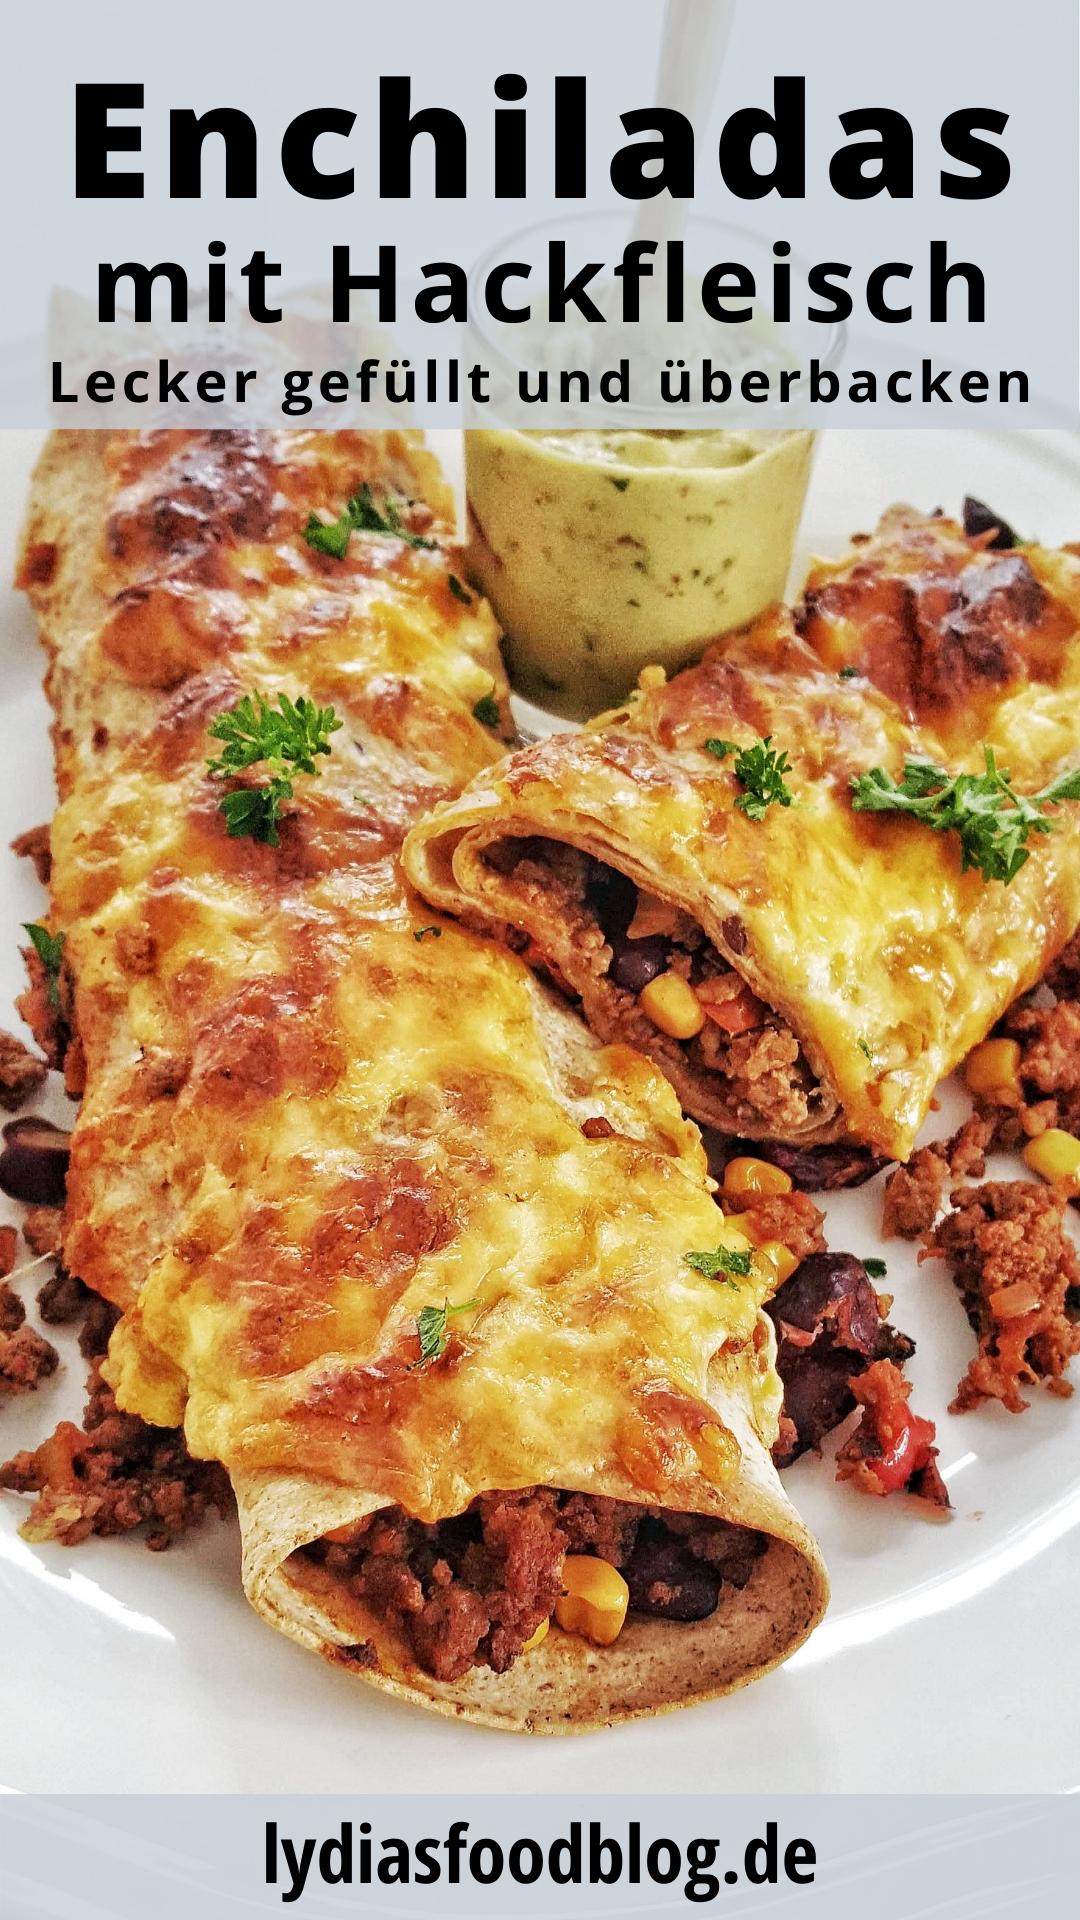 Enchiladas mit Hackfleisch-Füllung aus dem Ofen, Rezept - lydiasfoodblog.de